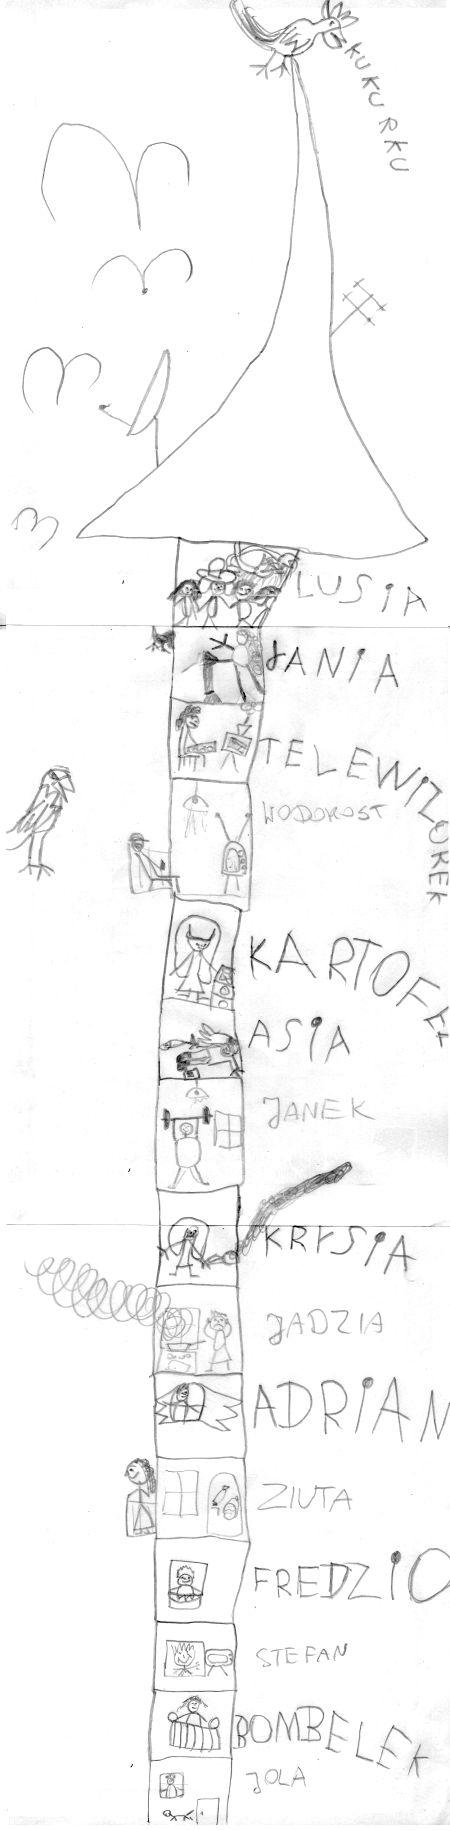 Wieżowiec - zabawa dla dzieci